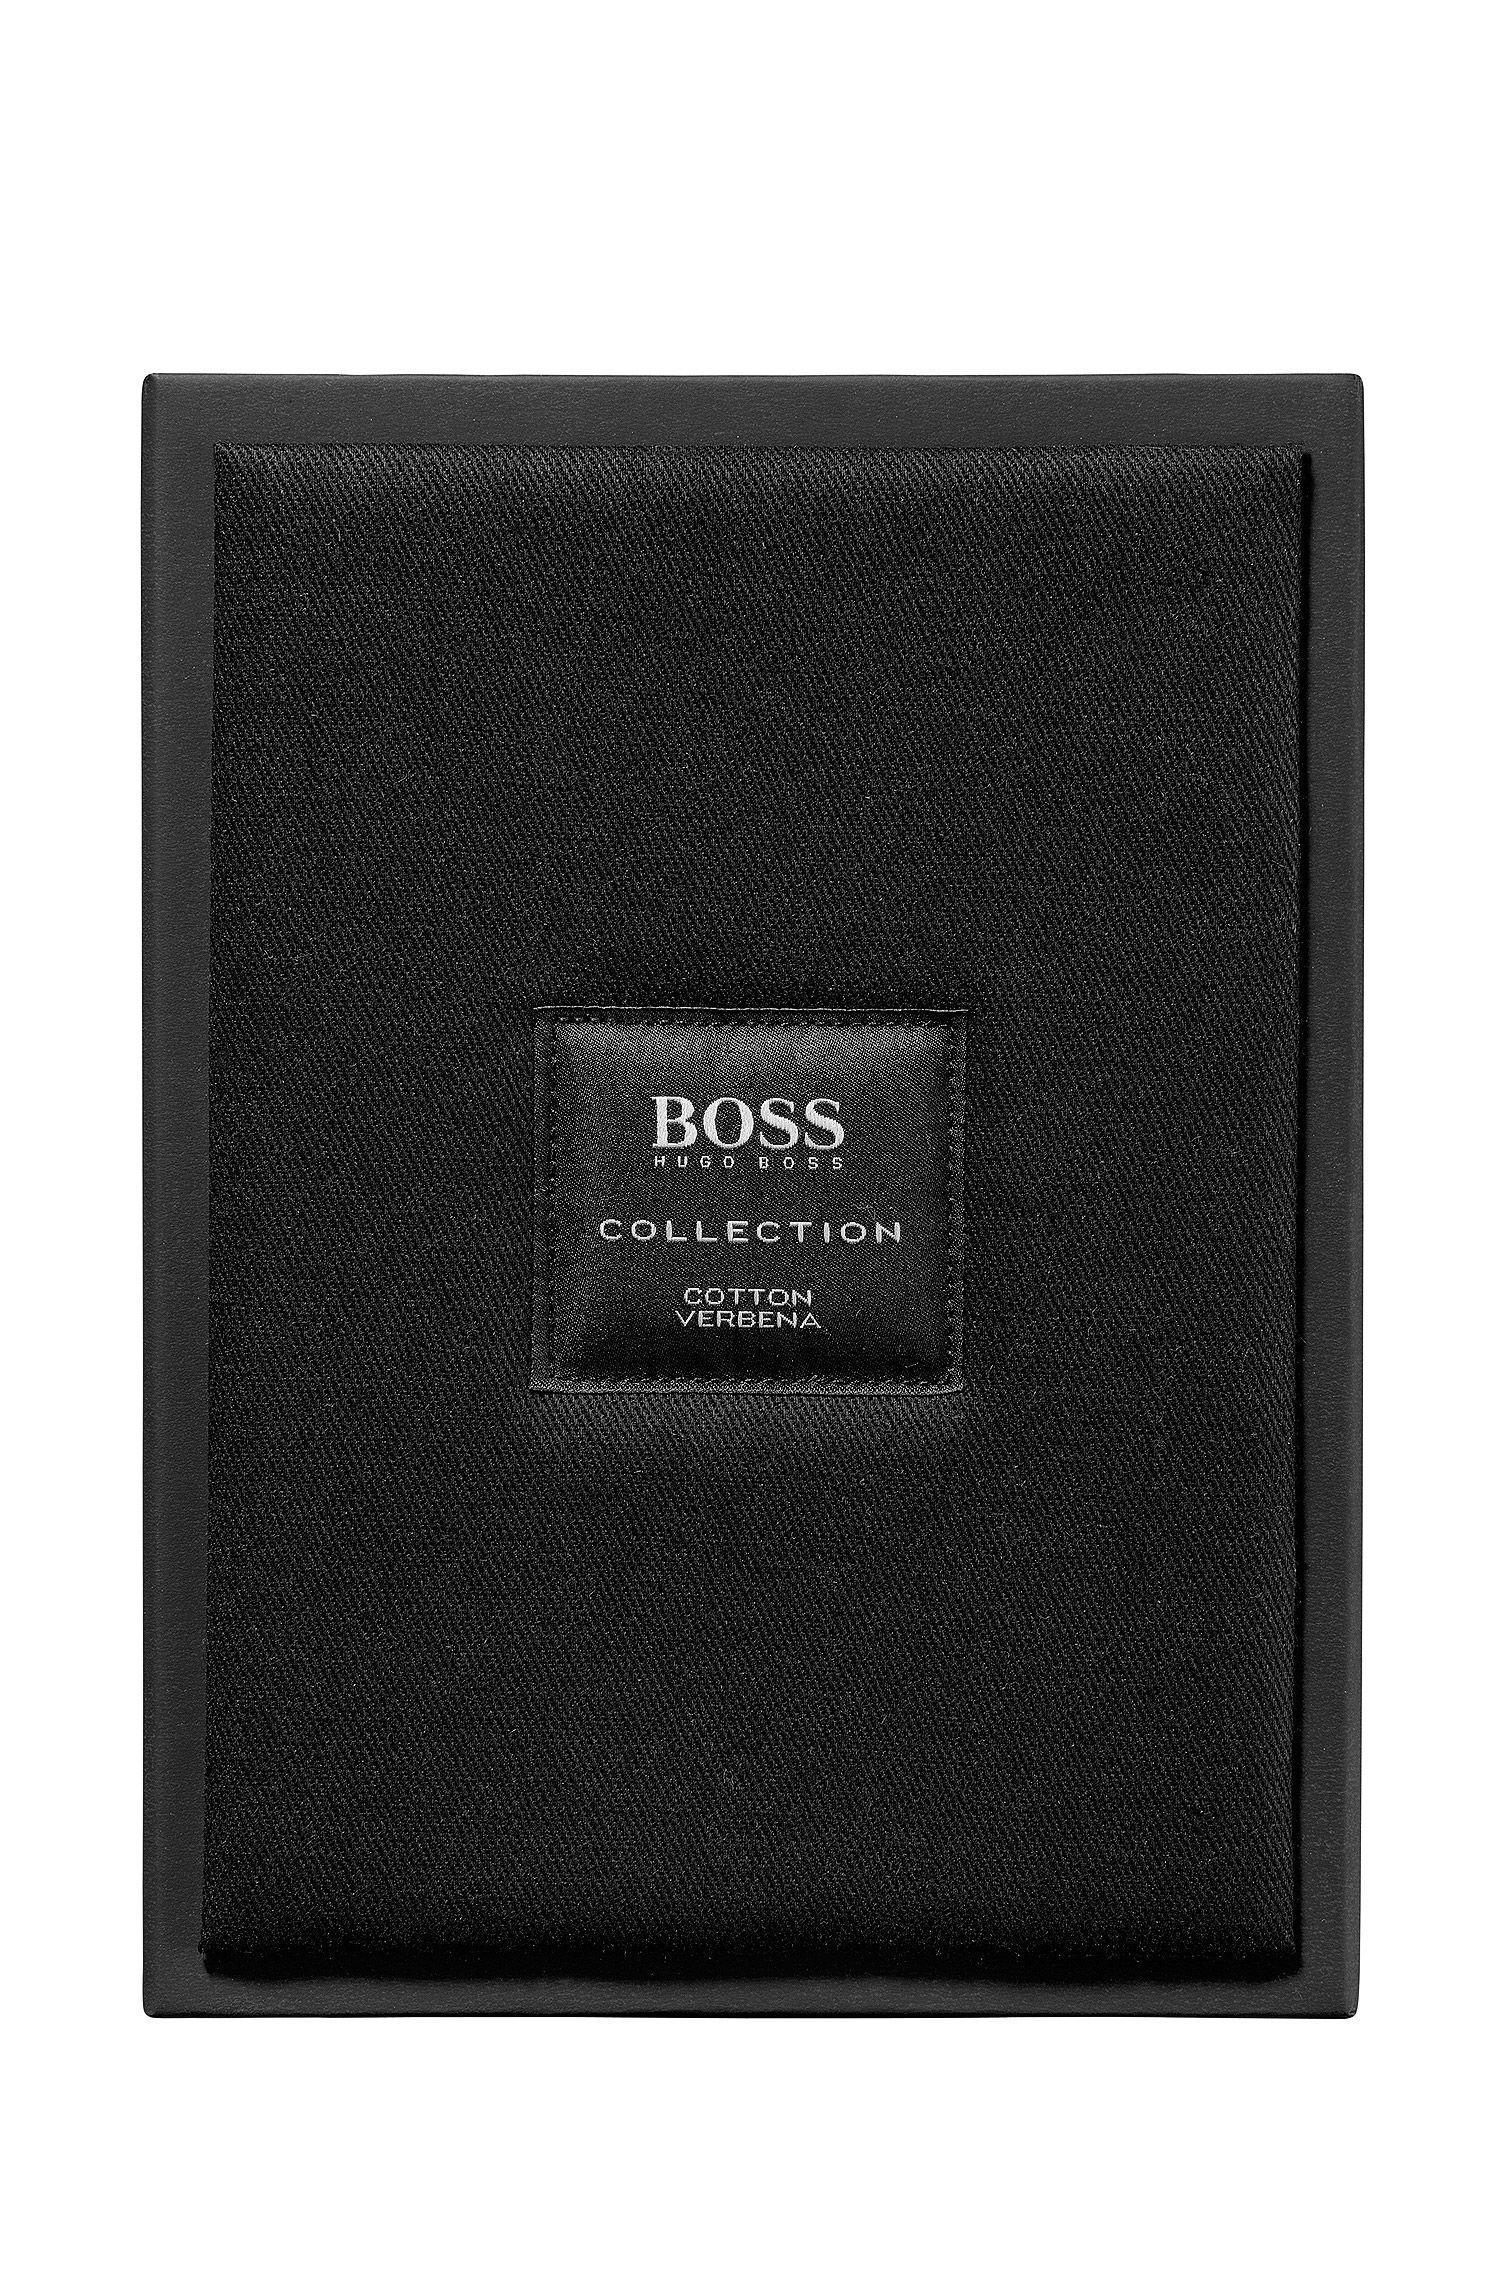 BOSS The Collection - Eau de Parfum Cotton Verbena